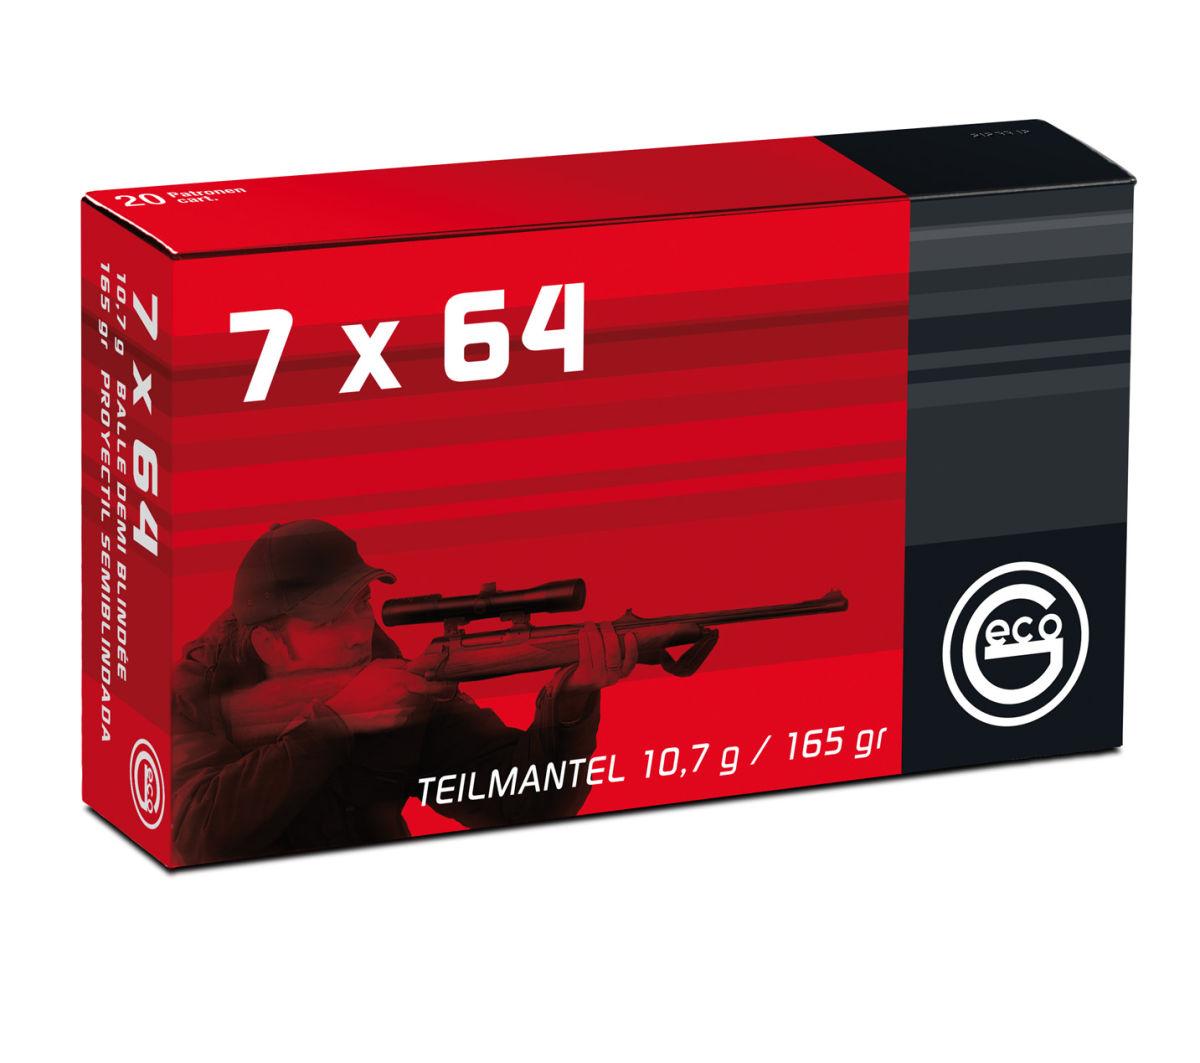 7x64 - Ein rasantes Geschoss - gut für die Drückjagd ©Hersteller